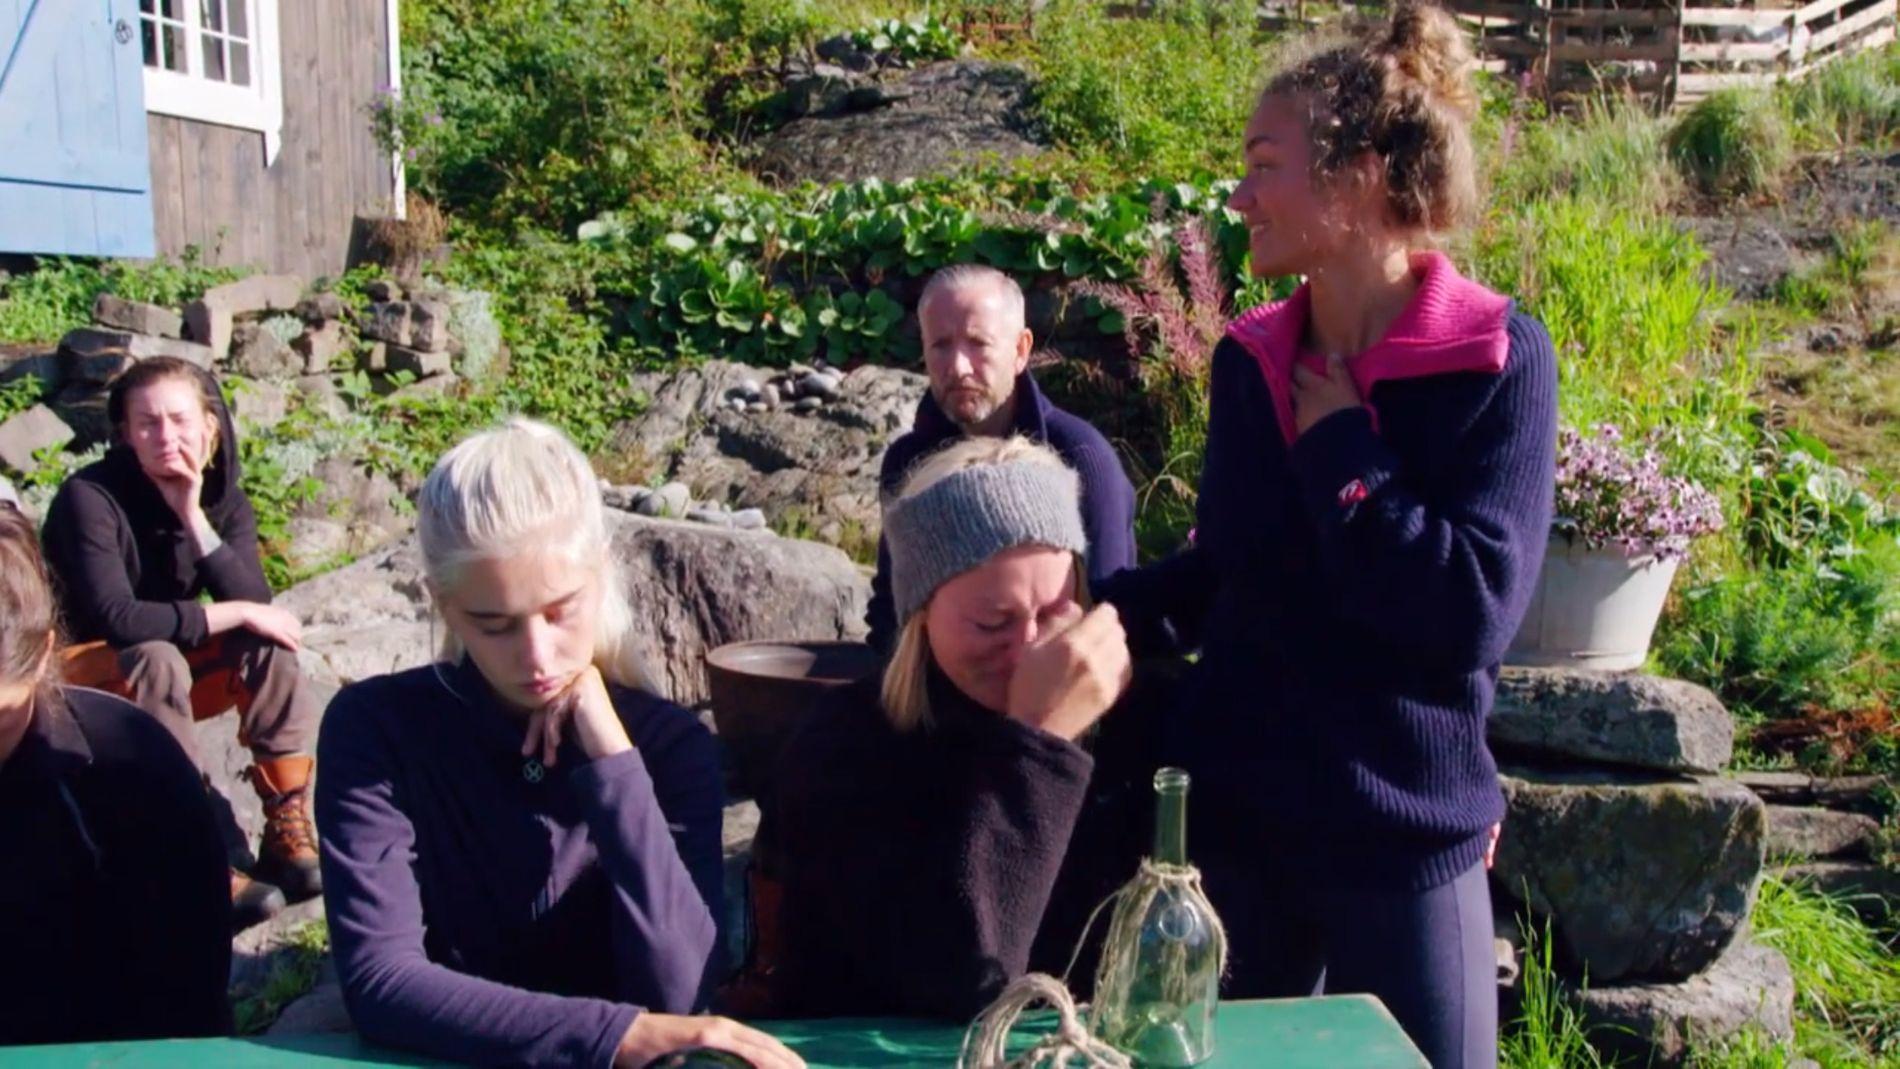 AVSKJEDEN: De andre deltagerne tar nyheten til Thale tungt.